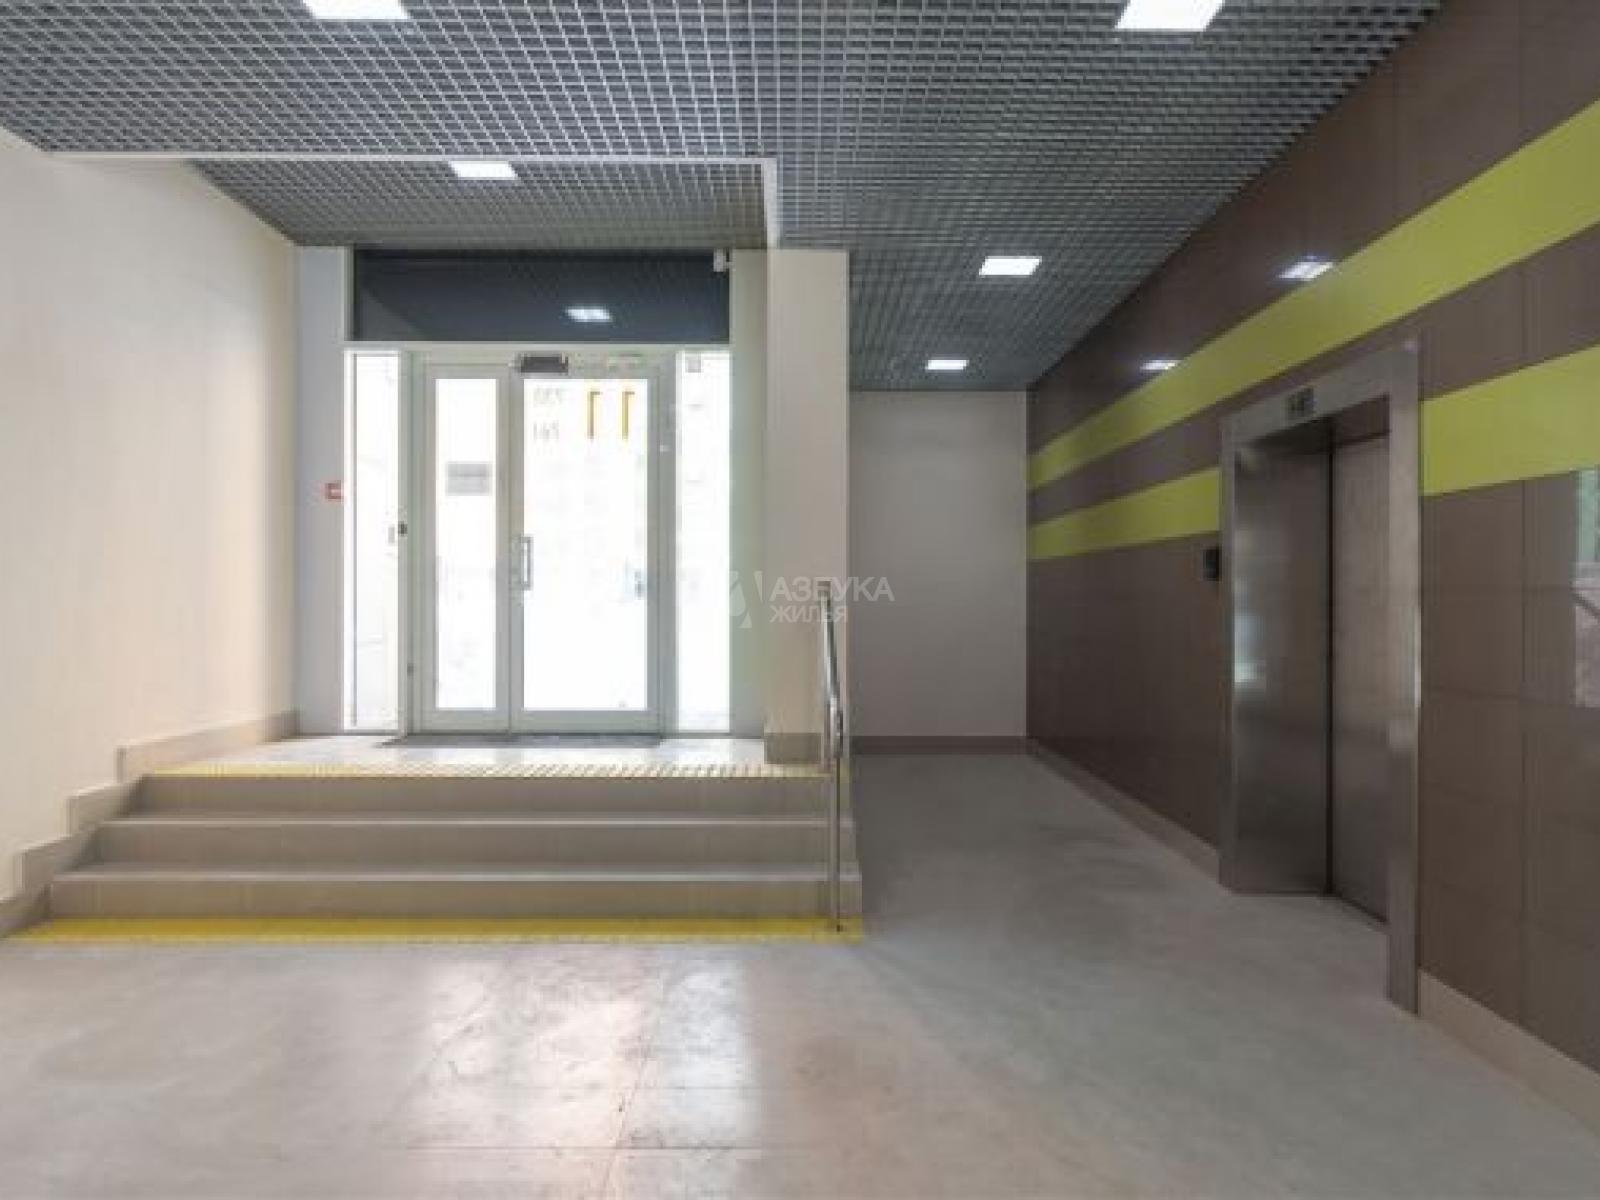 Фото №3 - 1-комнатная квартира, Москва, Производственная улица 6 корпус 9, метро Солнцево